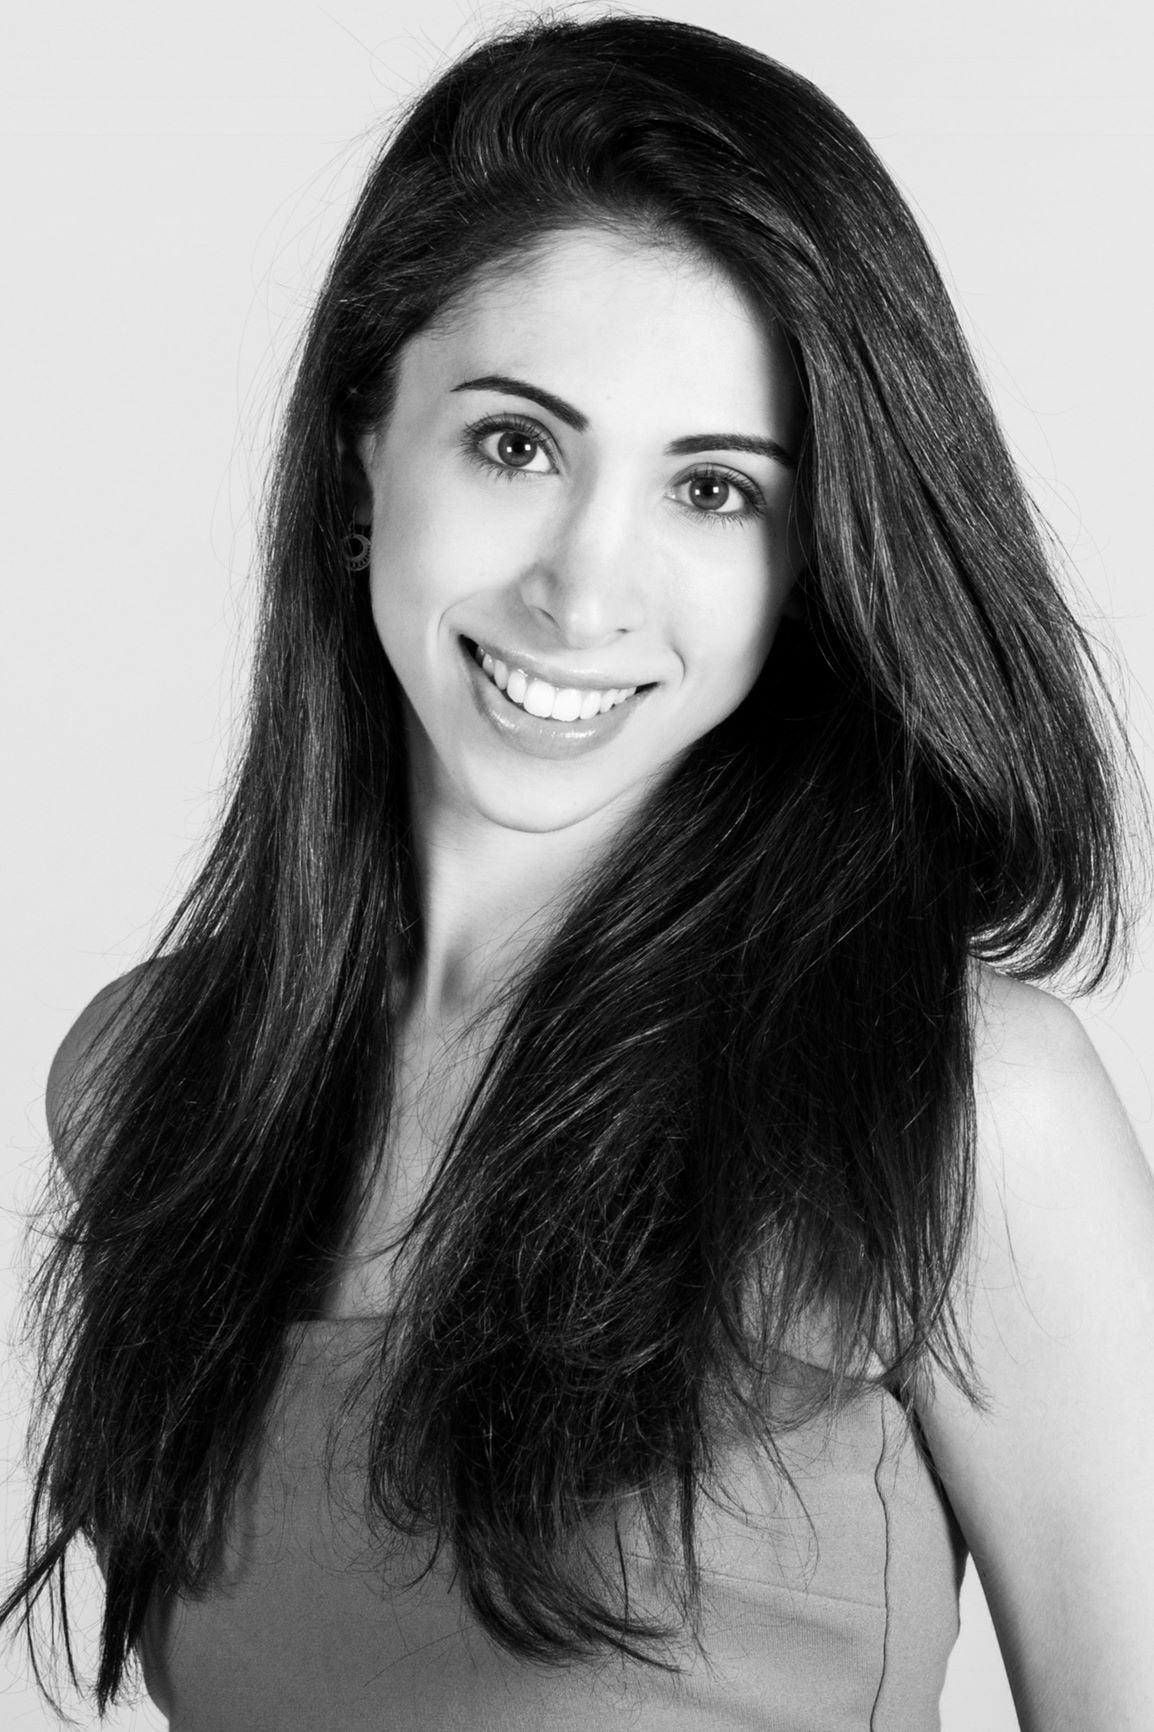 Yasmine Naghdi